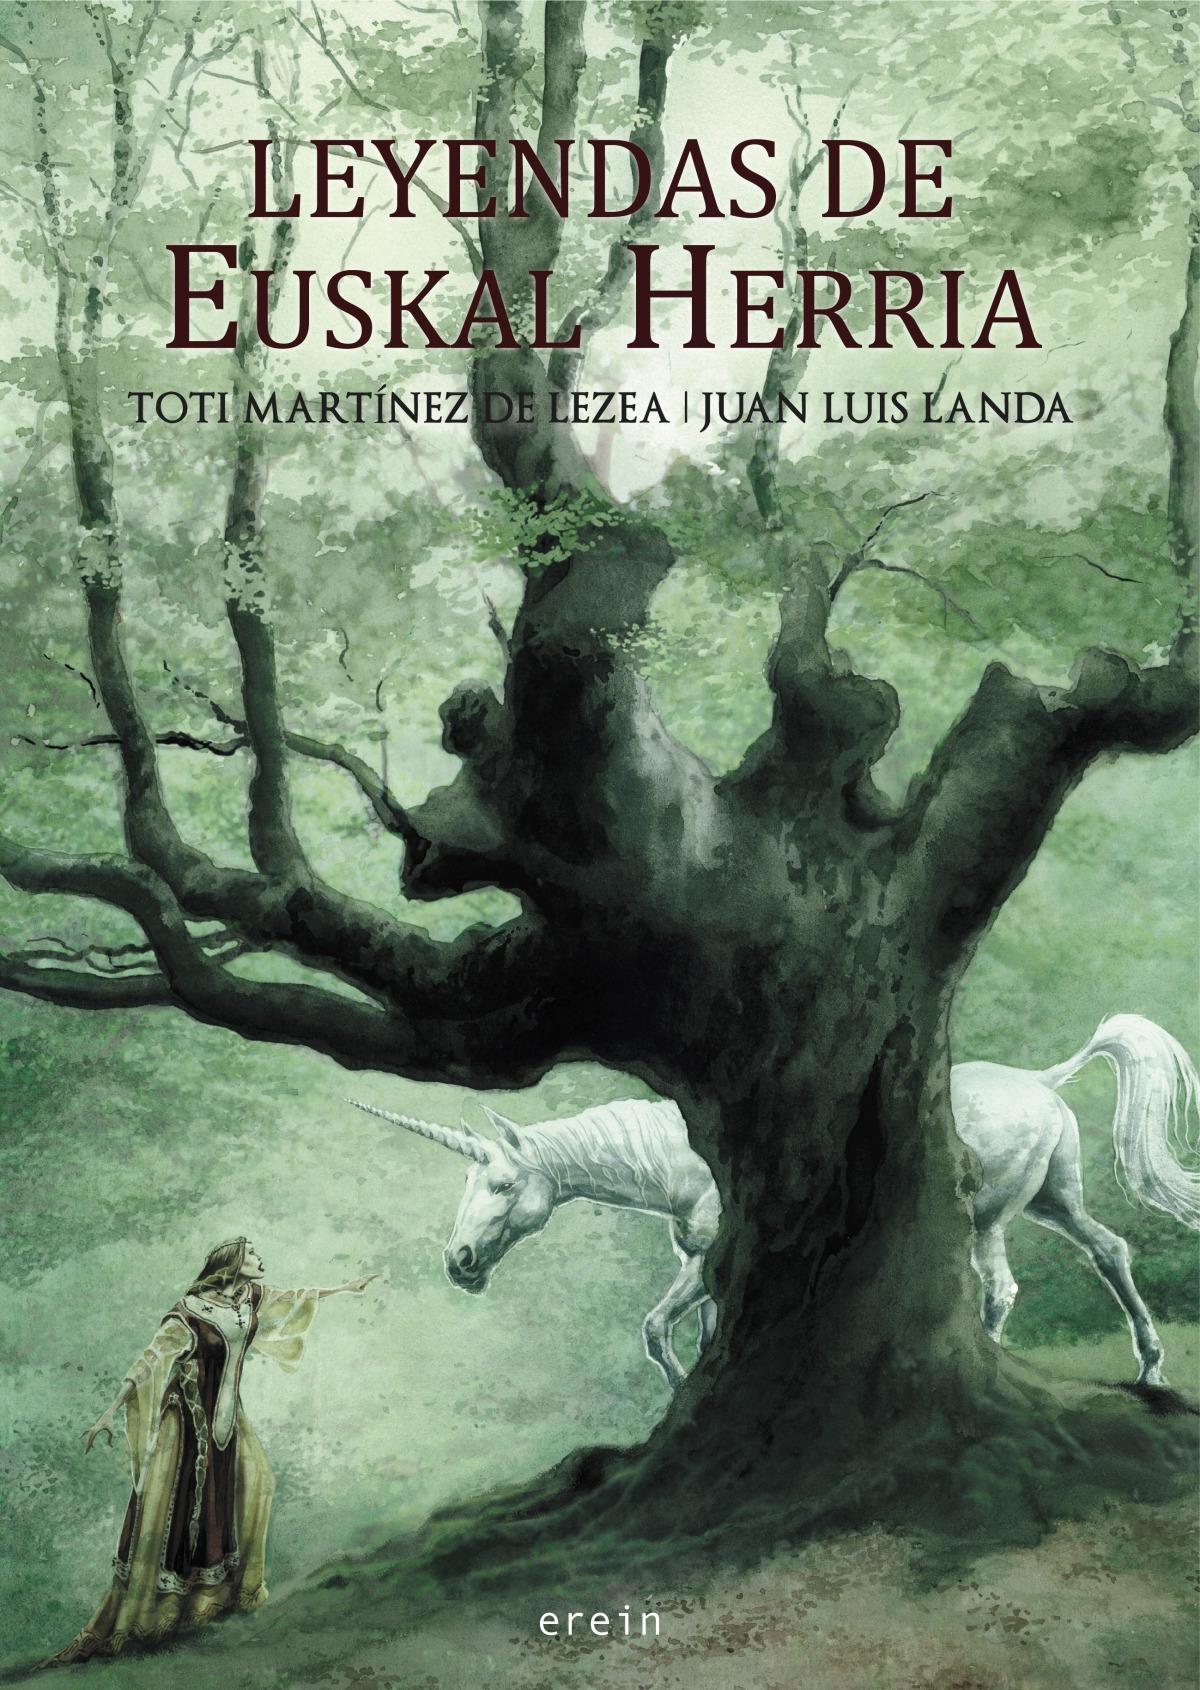 Leyendas de Euskal Herria